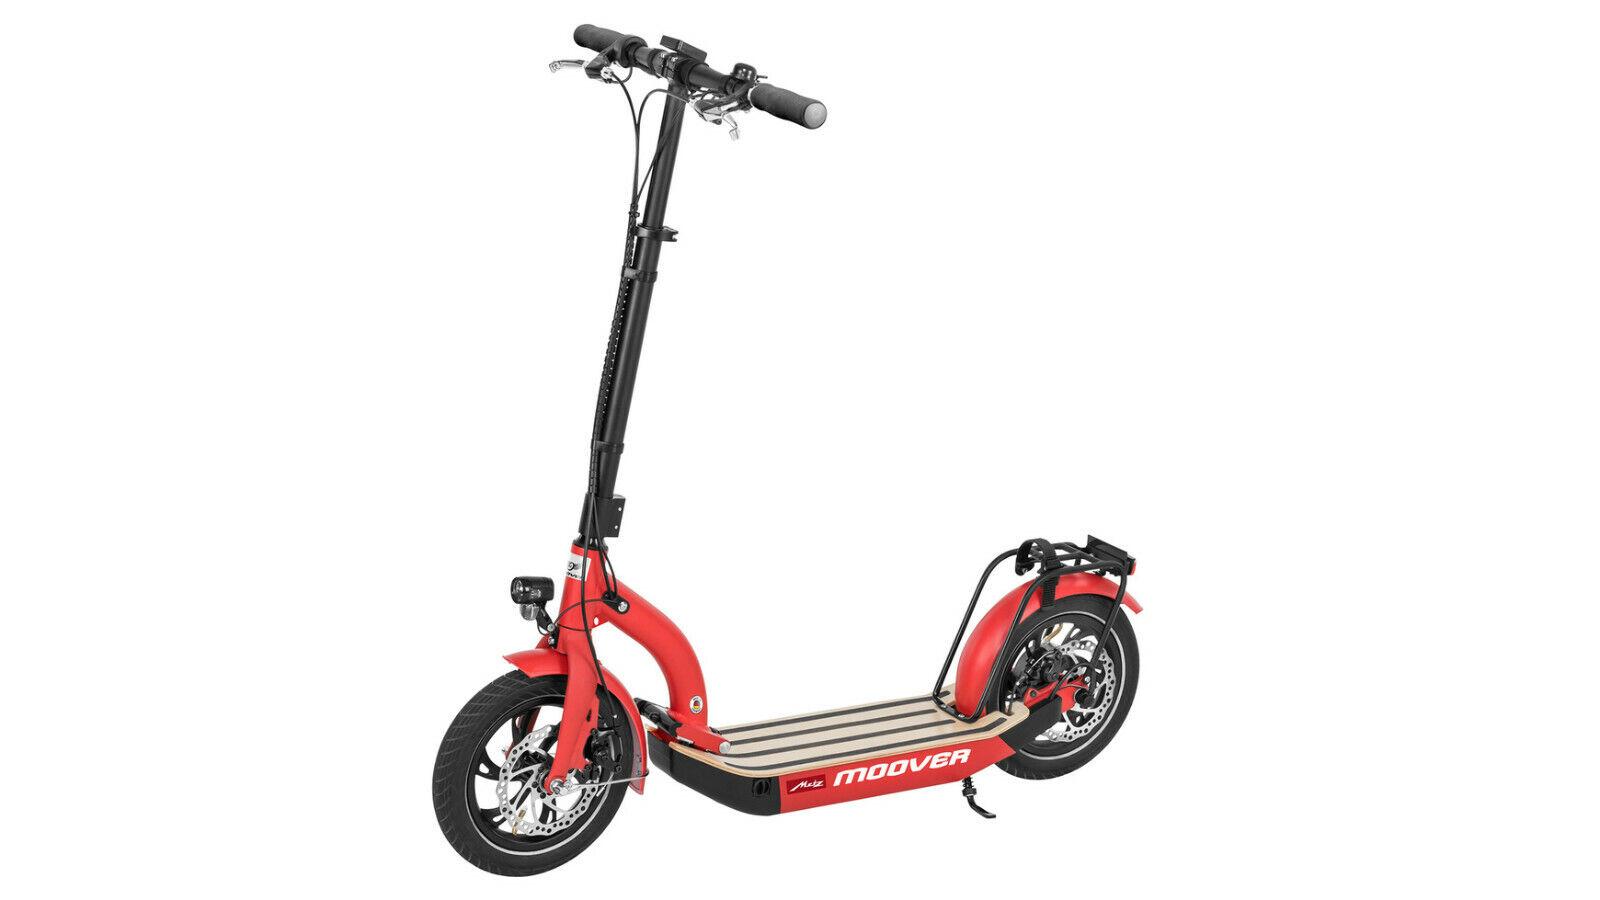 Metz Moover E-Scooter mit Straßenzulassung und 12 Zoll Luftreifen